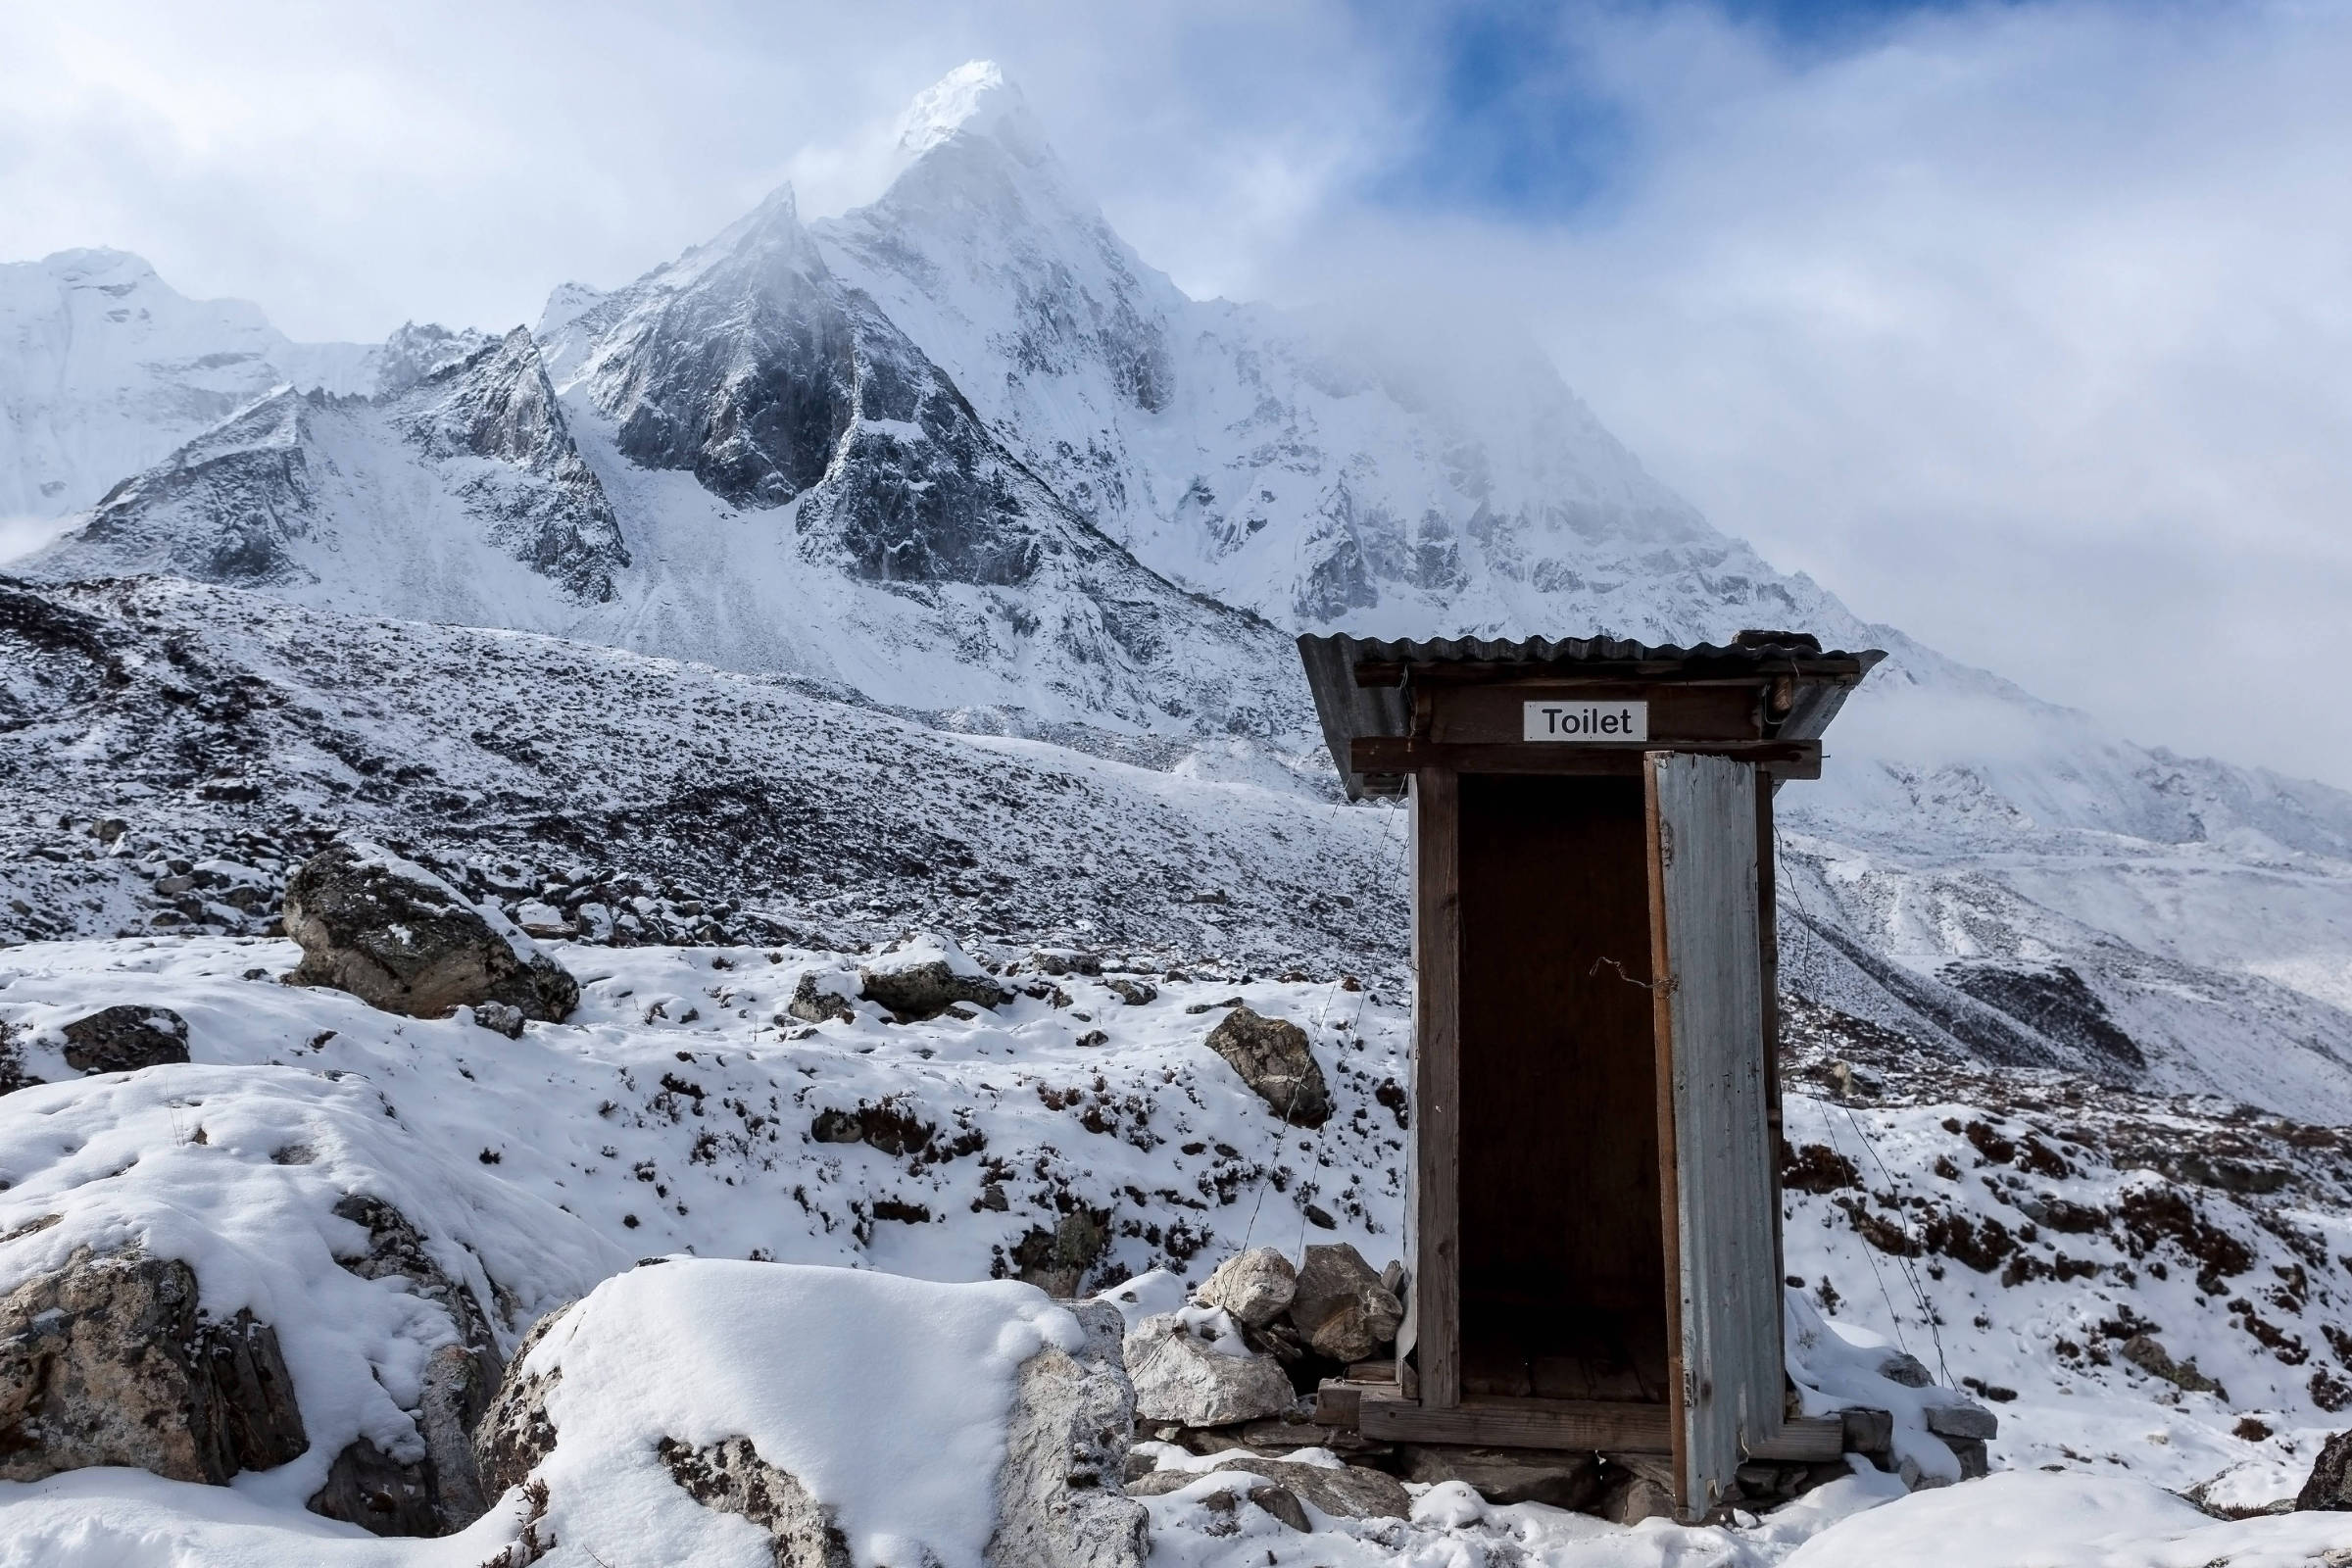 Fezes humanas são problema ambiental no Everest - 31/10/2018 - Turismo - Folha